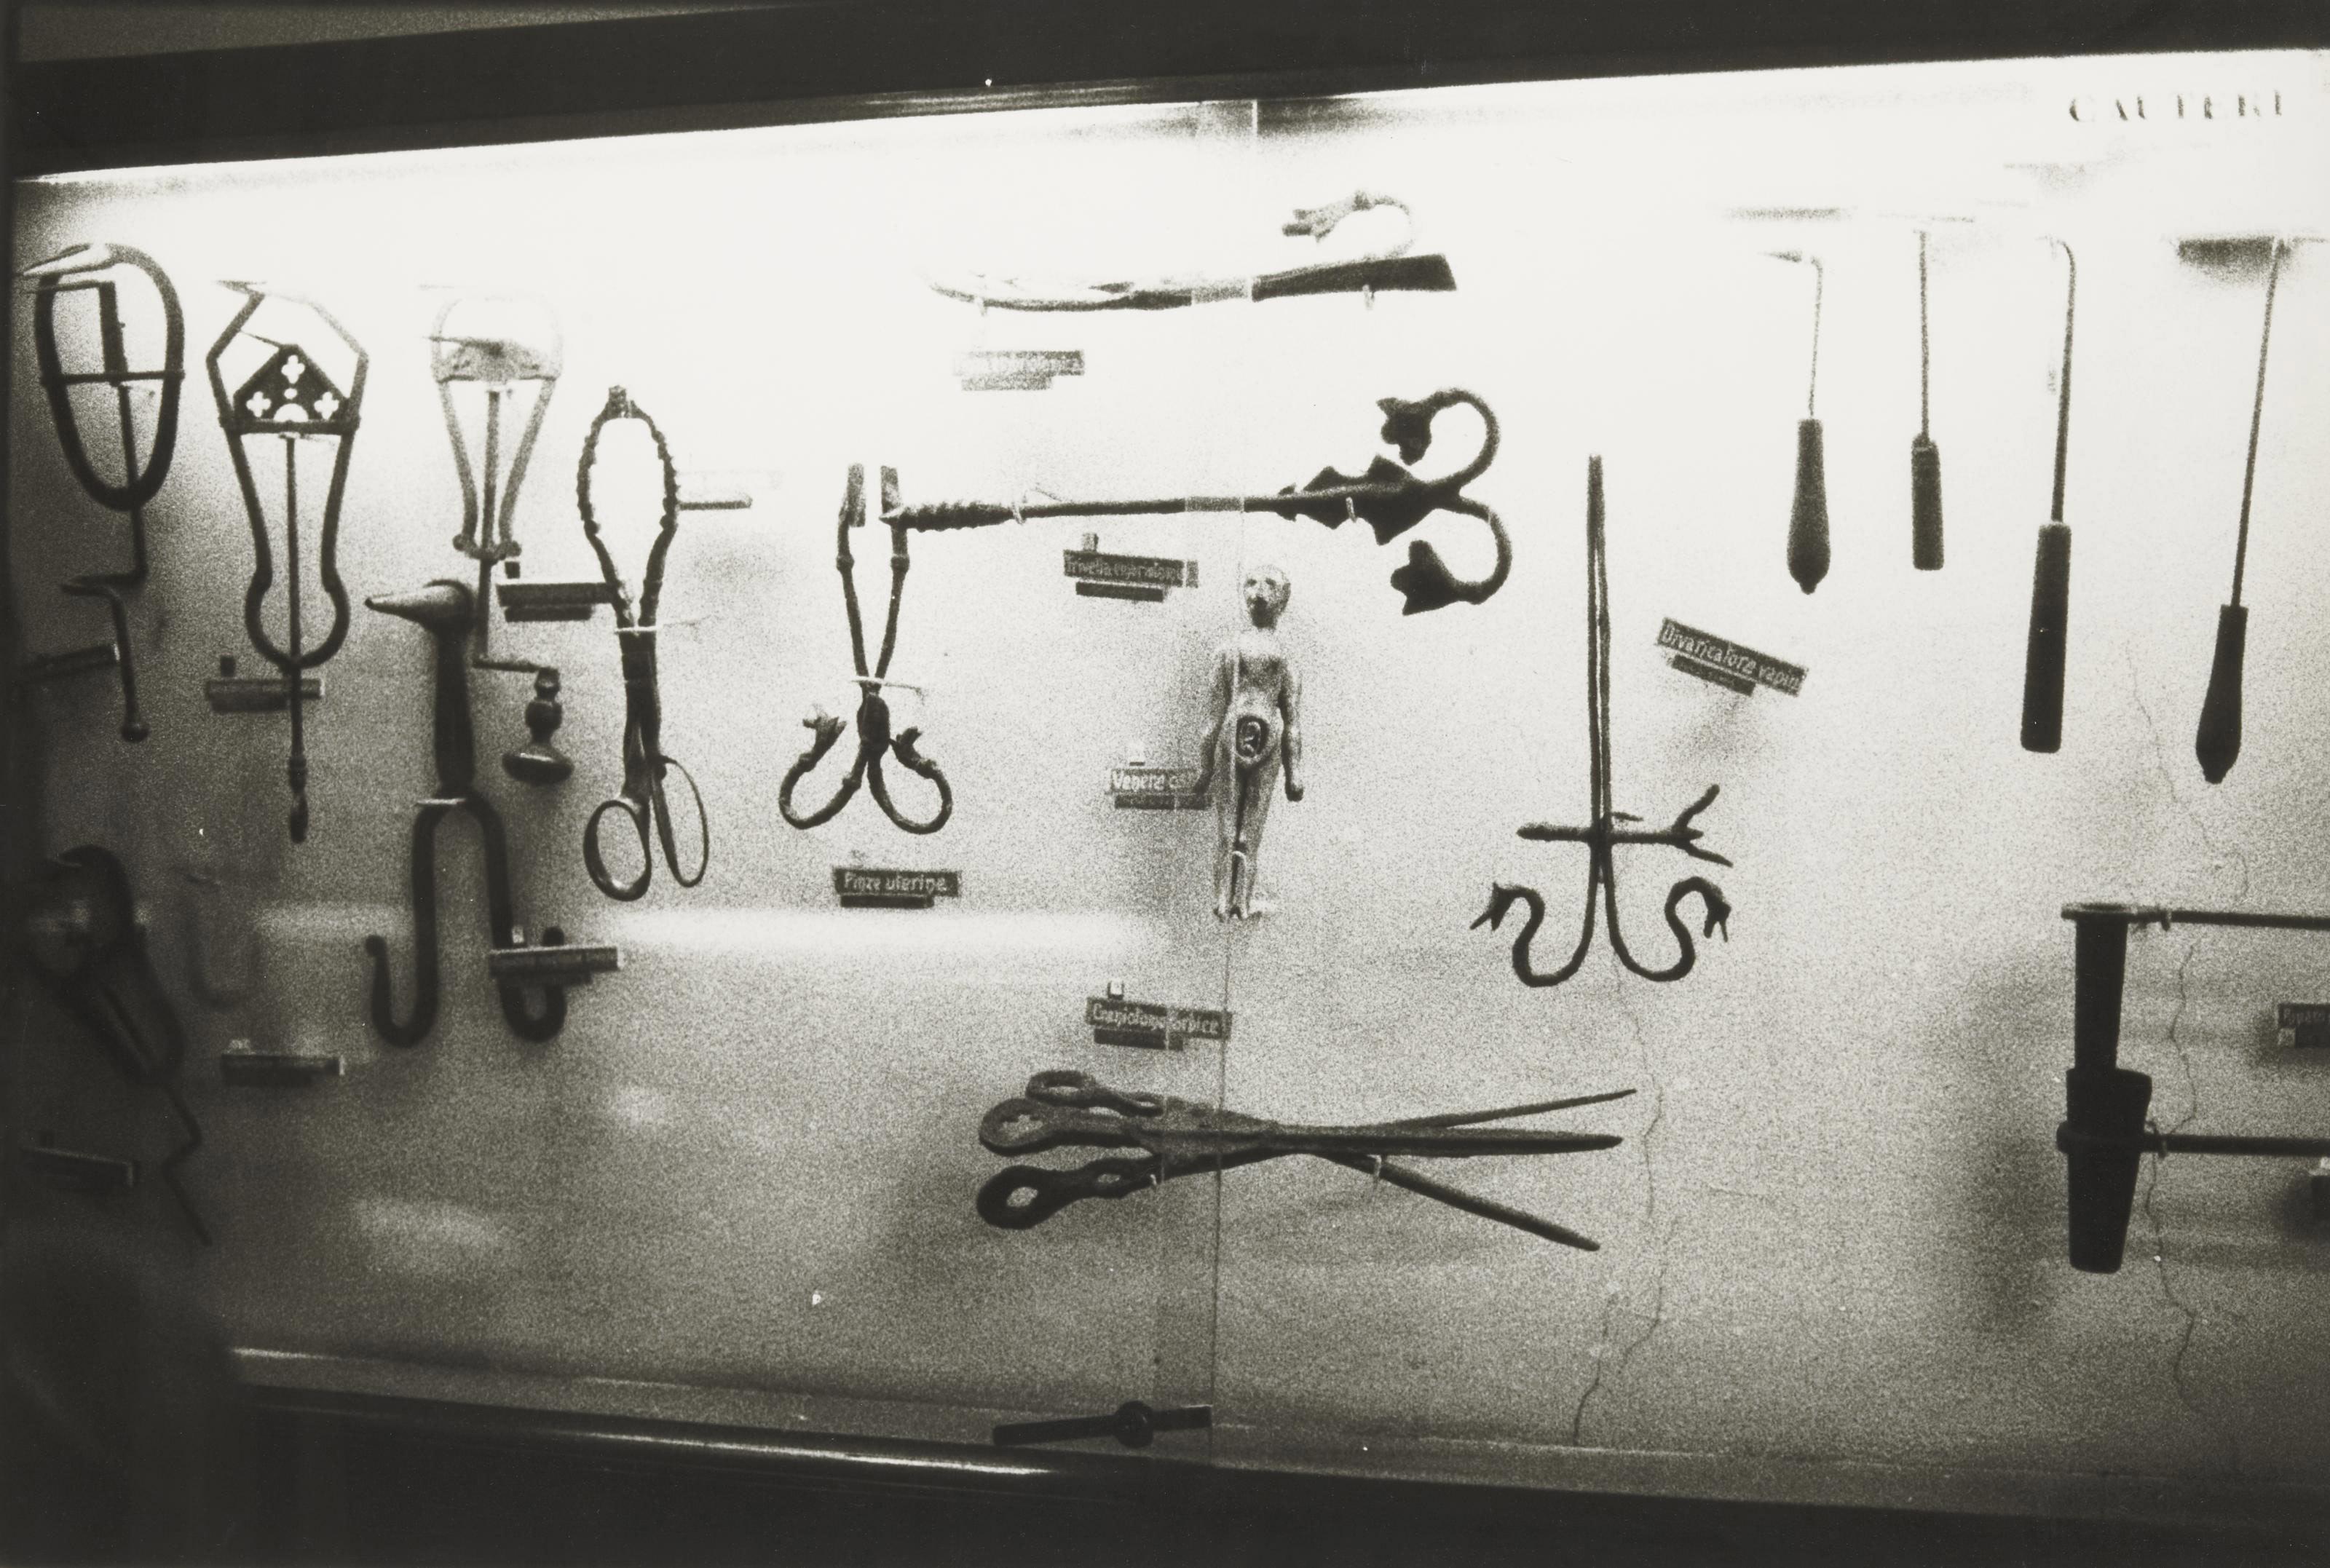 Série Instruments Gynécologiques, 1993